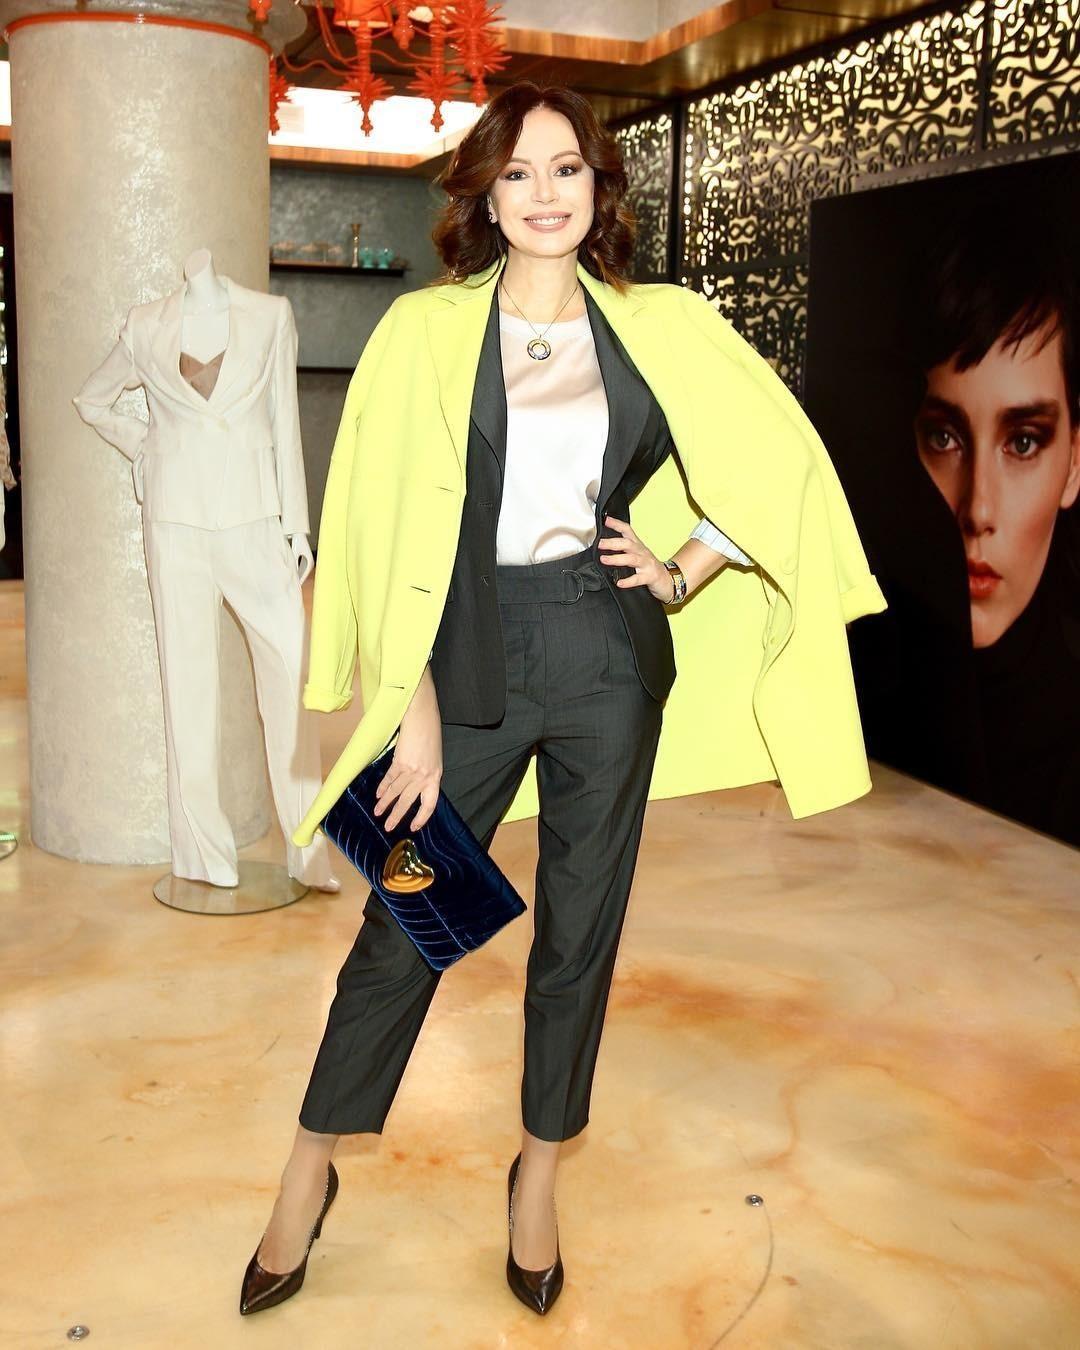 Серый брючный костюм Безрукова сопроводила молочной шелковой блузкой, ярко-желтым пальто и бархатным клатчем. Поклонники отметили, что в таком образе актриса выглядит на 20 лет моложе. «С...